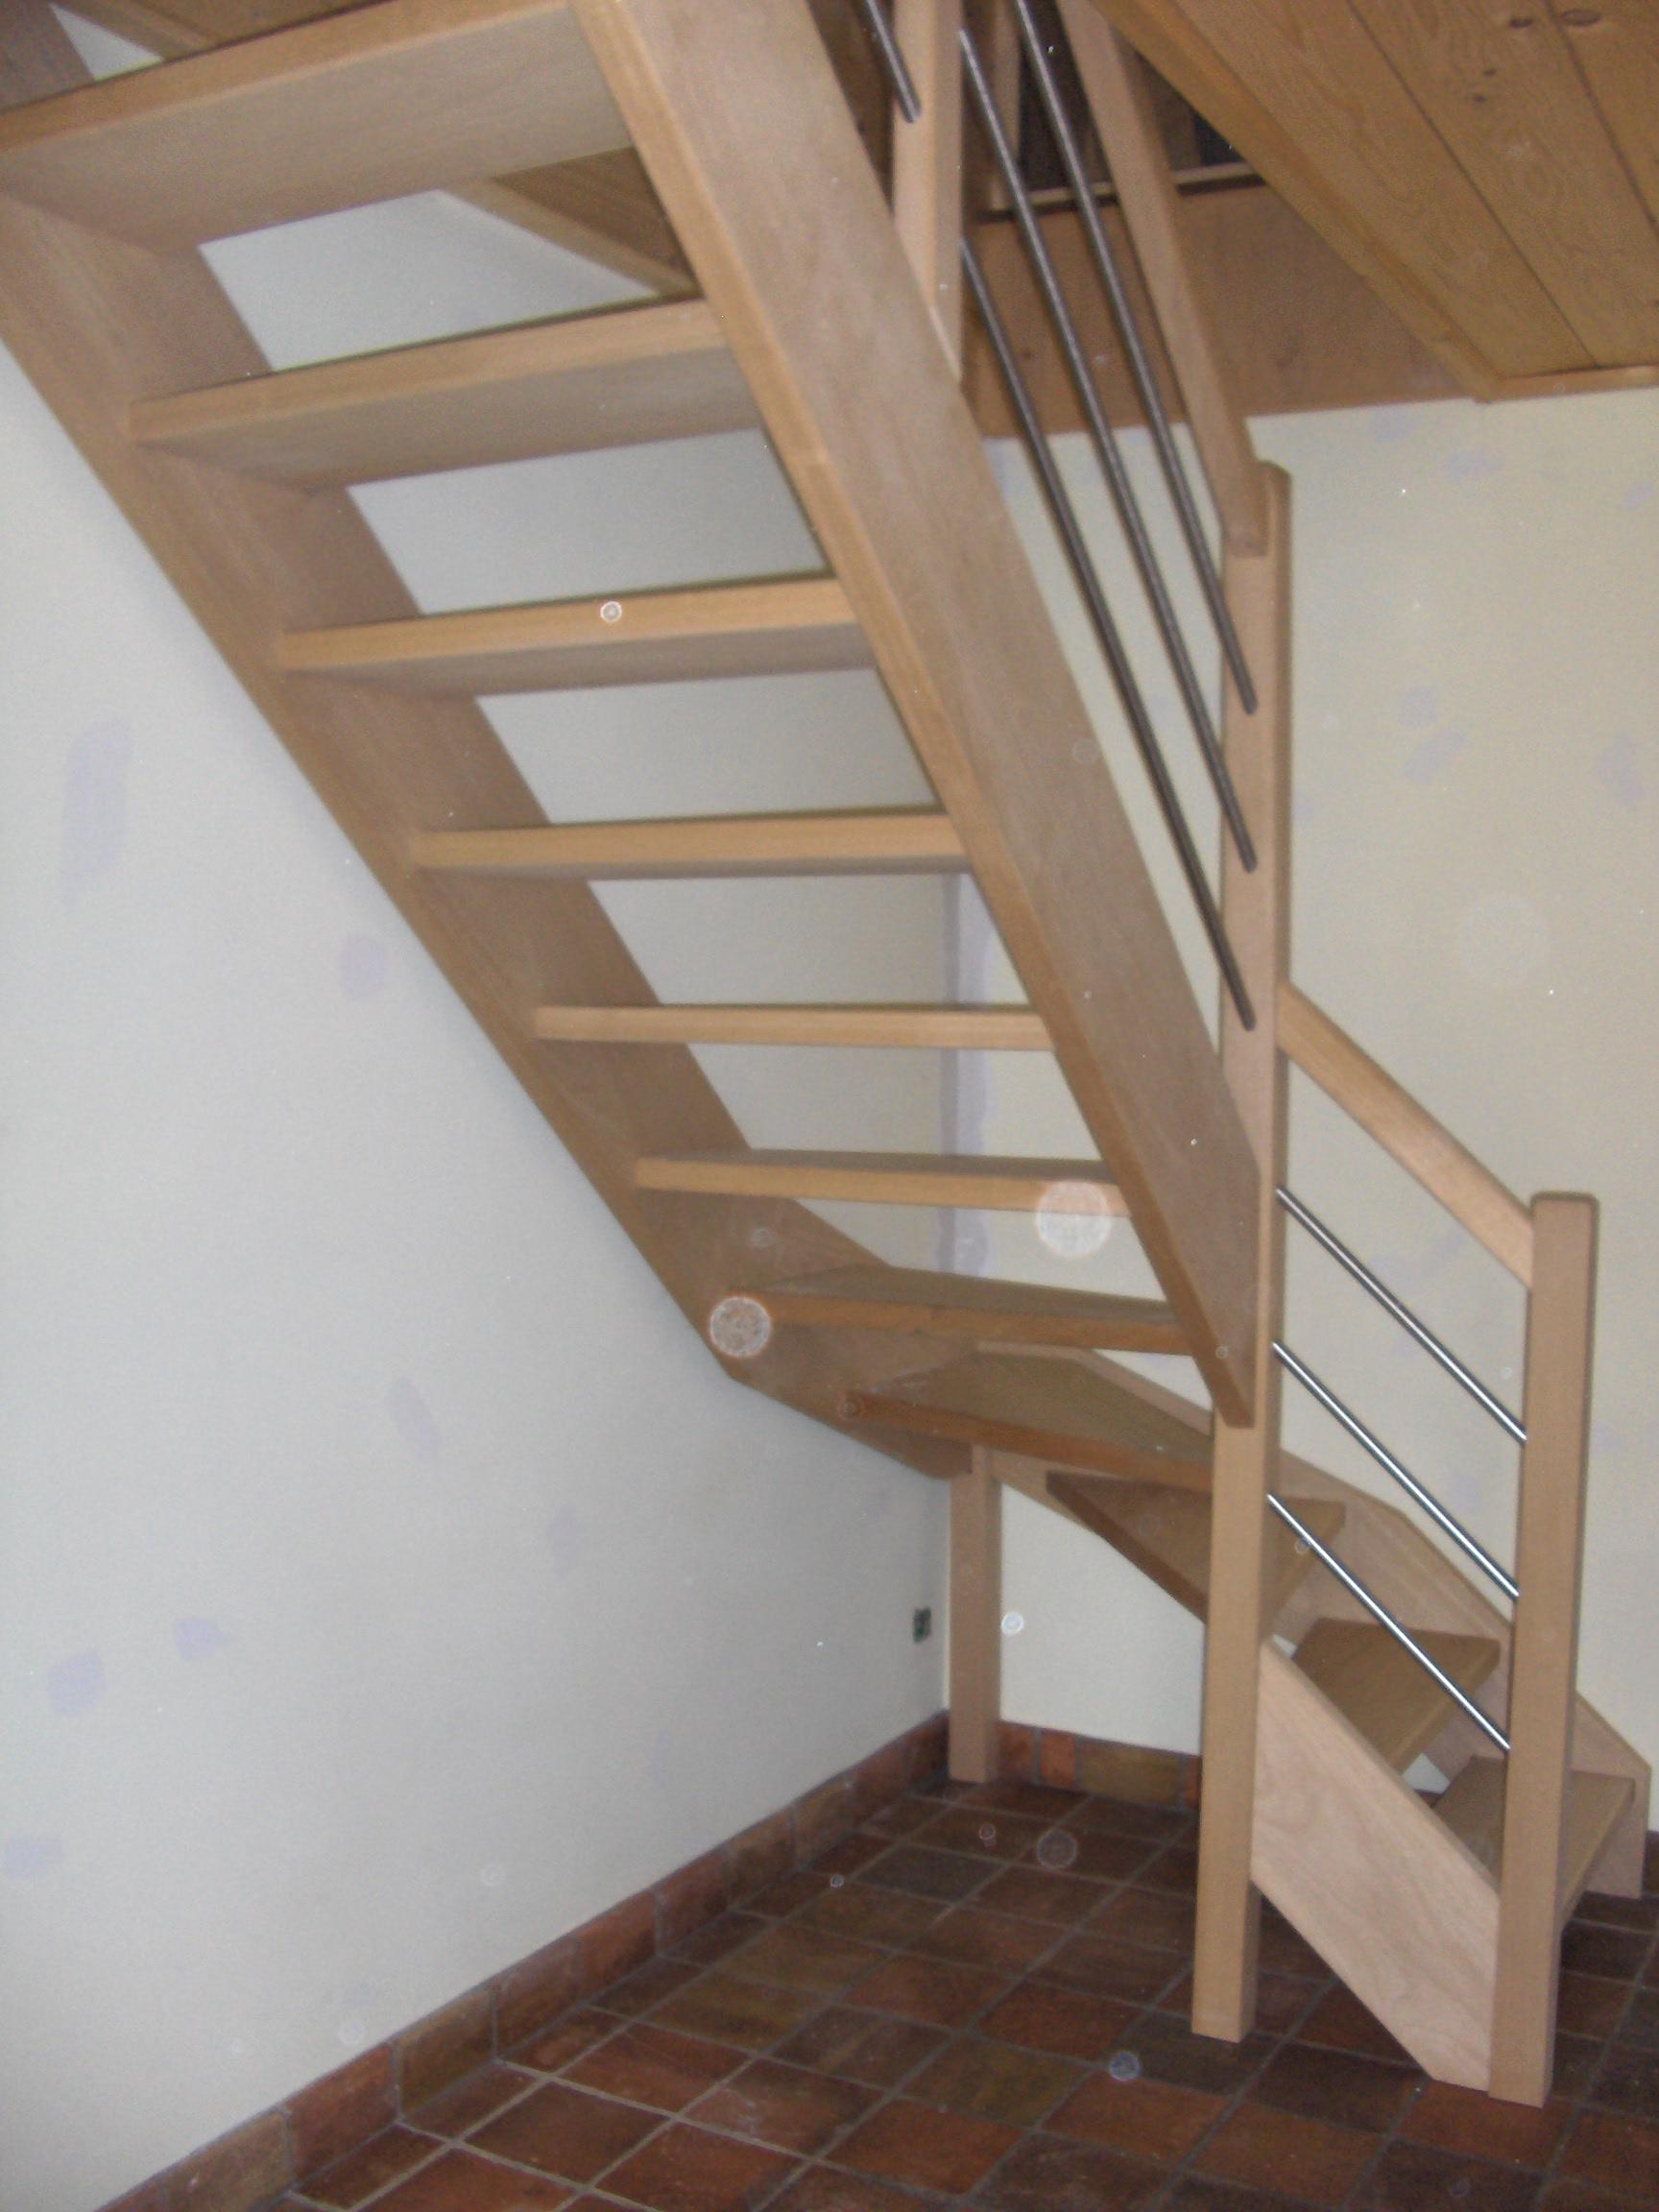 vitrification d 39 une mont e d 39 escalier hauteville lompnes fr d ric terrier peinture. Black Bedroom Furniture Sets. Home Design Ideas